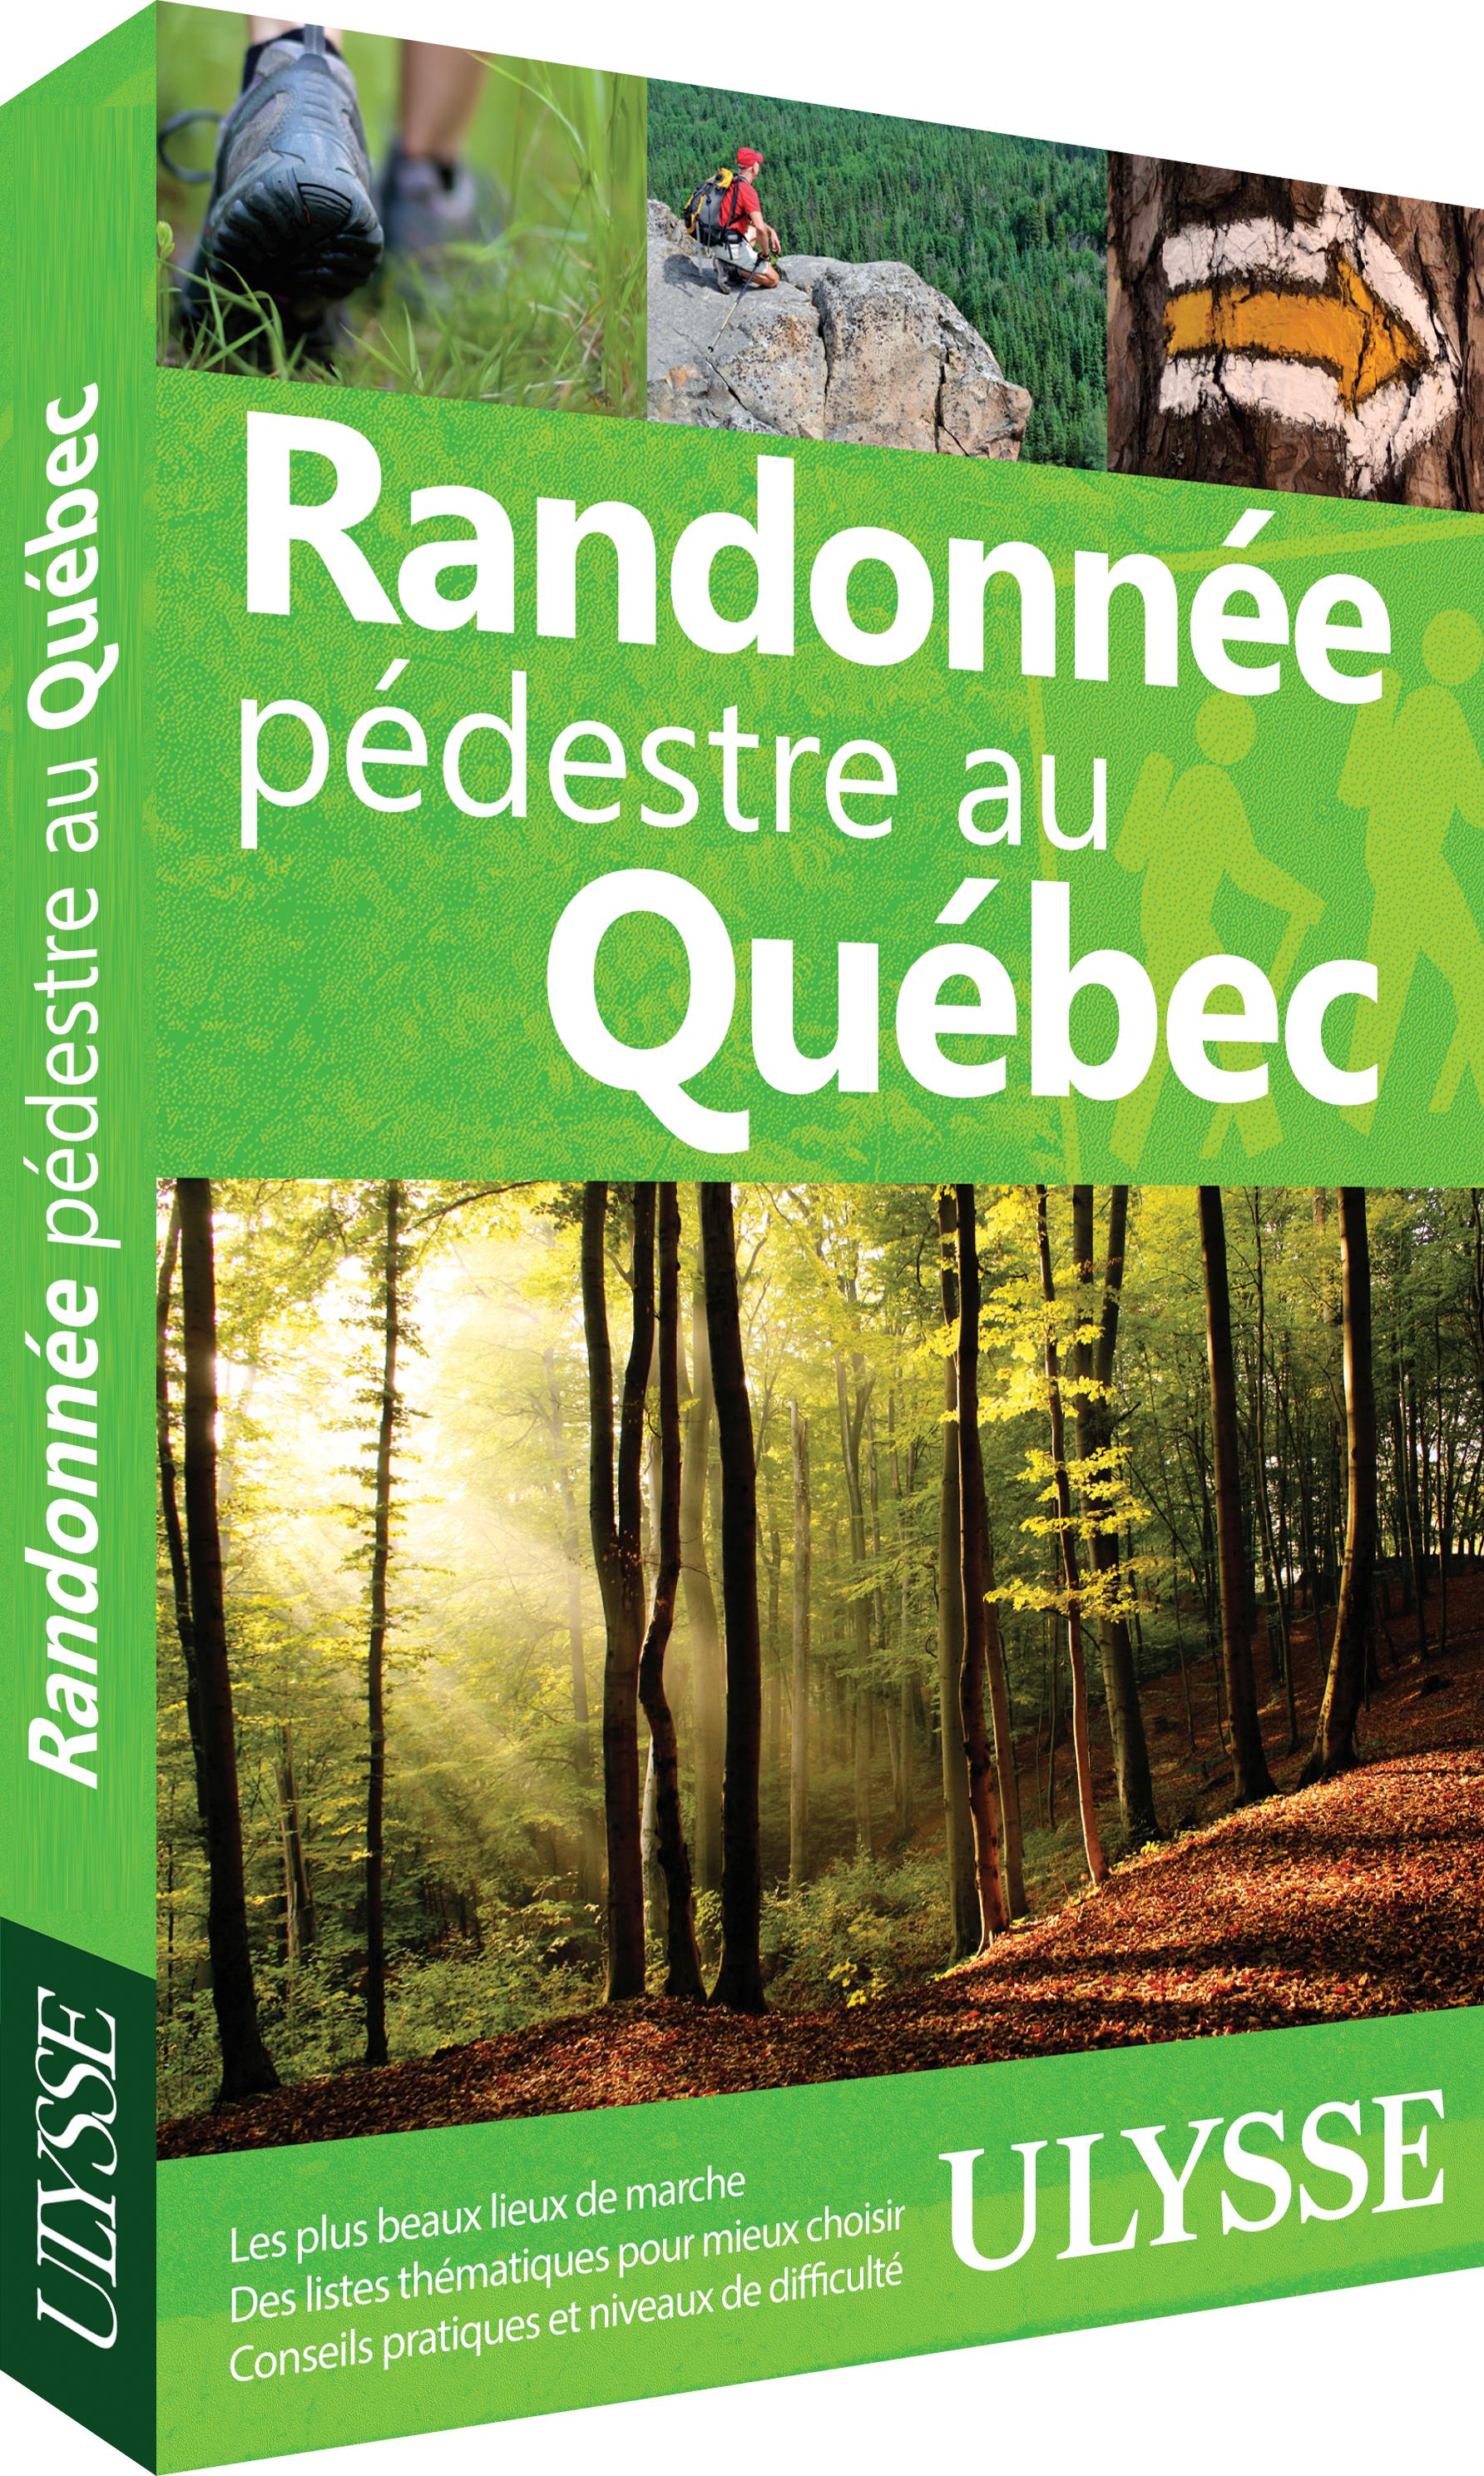 """alt=""""randonnee pedestre au quebec guide ulysse"""""""